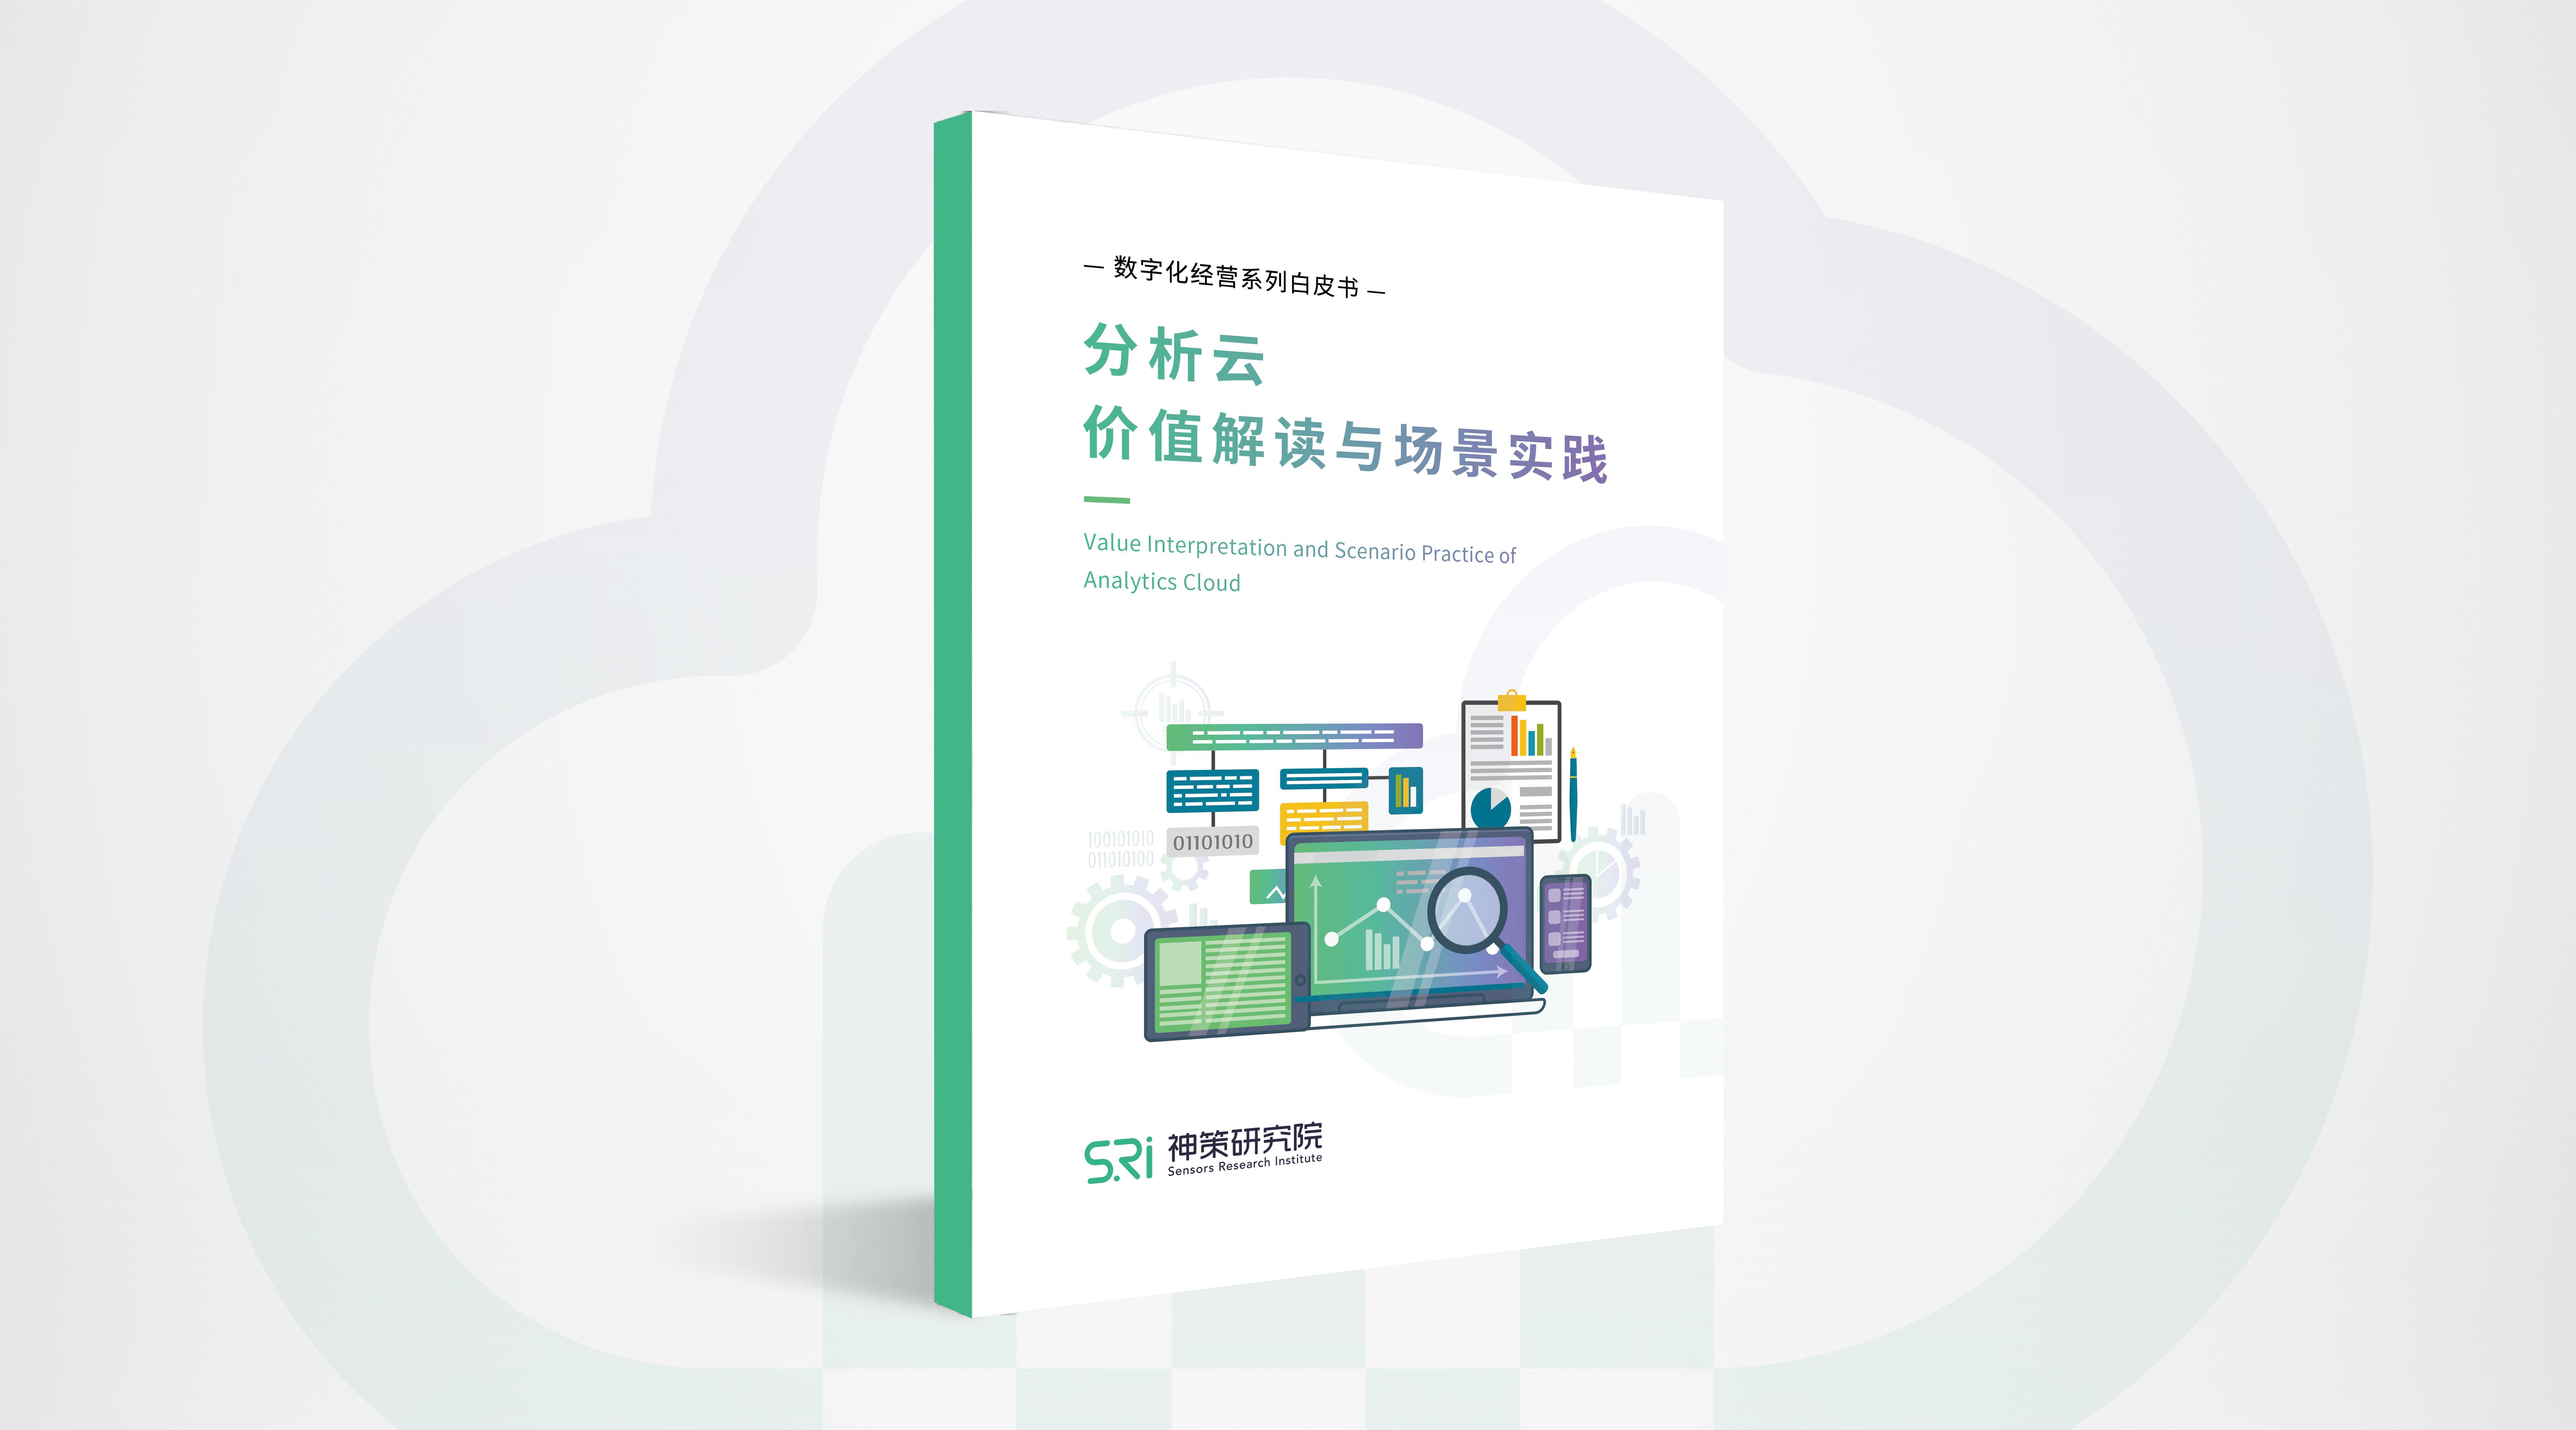 31fef01e6c0182f567d98df0e4556ff1.pdf